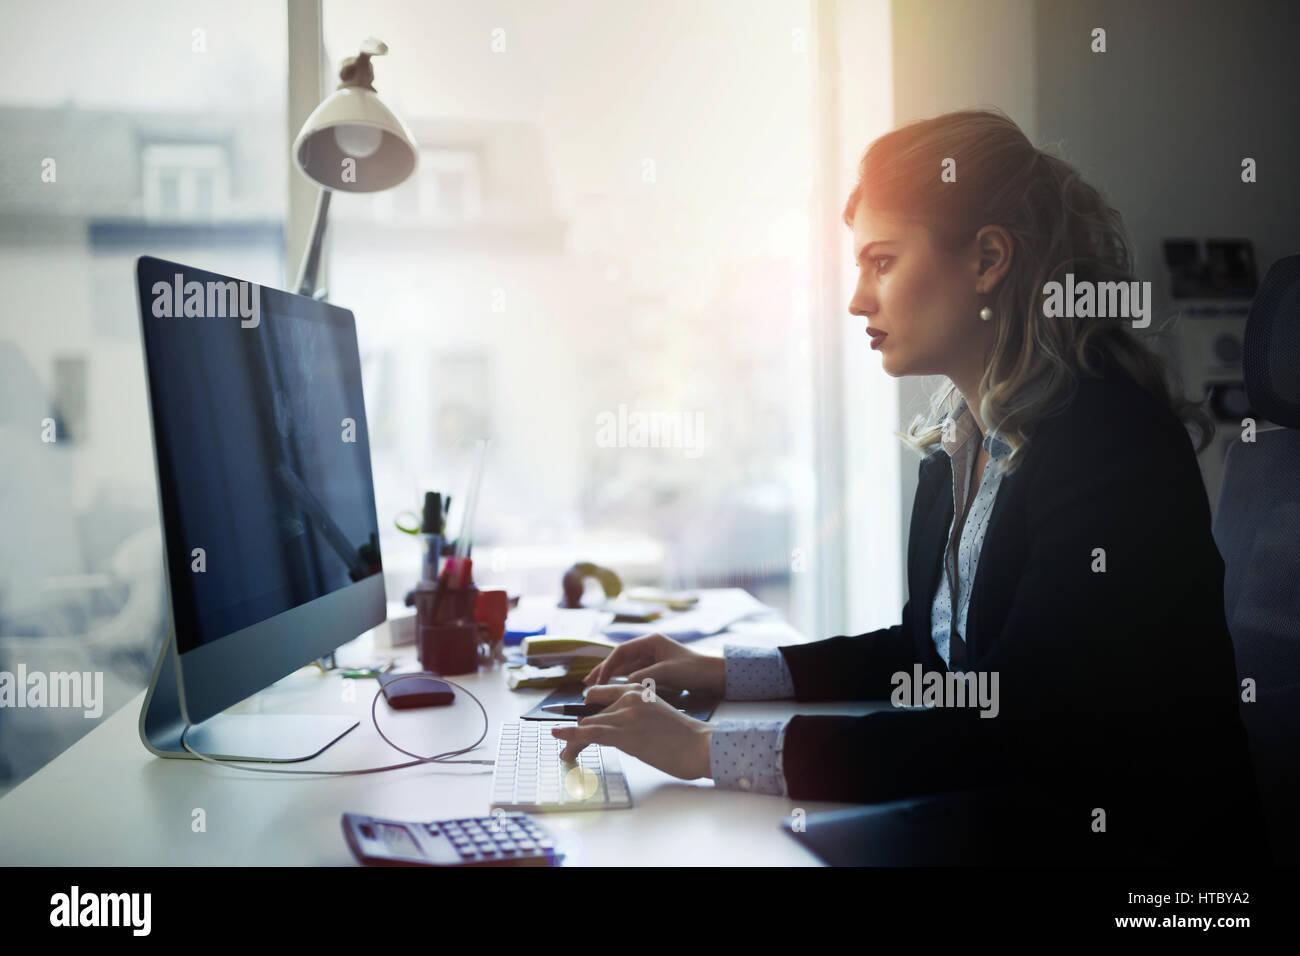 Oberati di lavoro imprenditrice restare in ufficio fino a tardi per il lavoro Immagini Stock